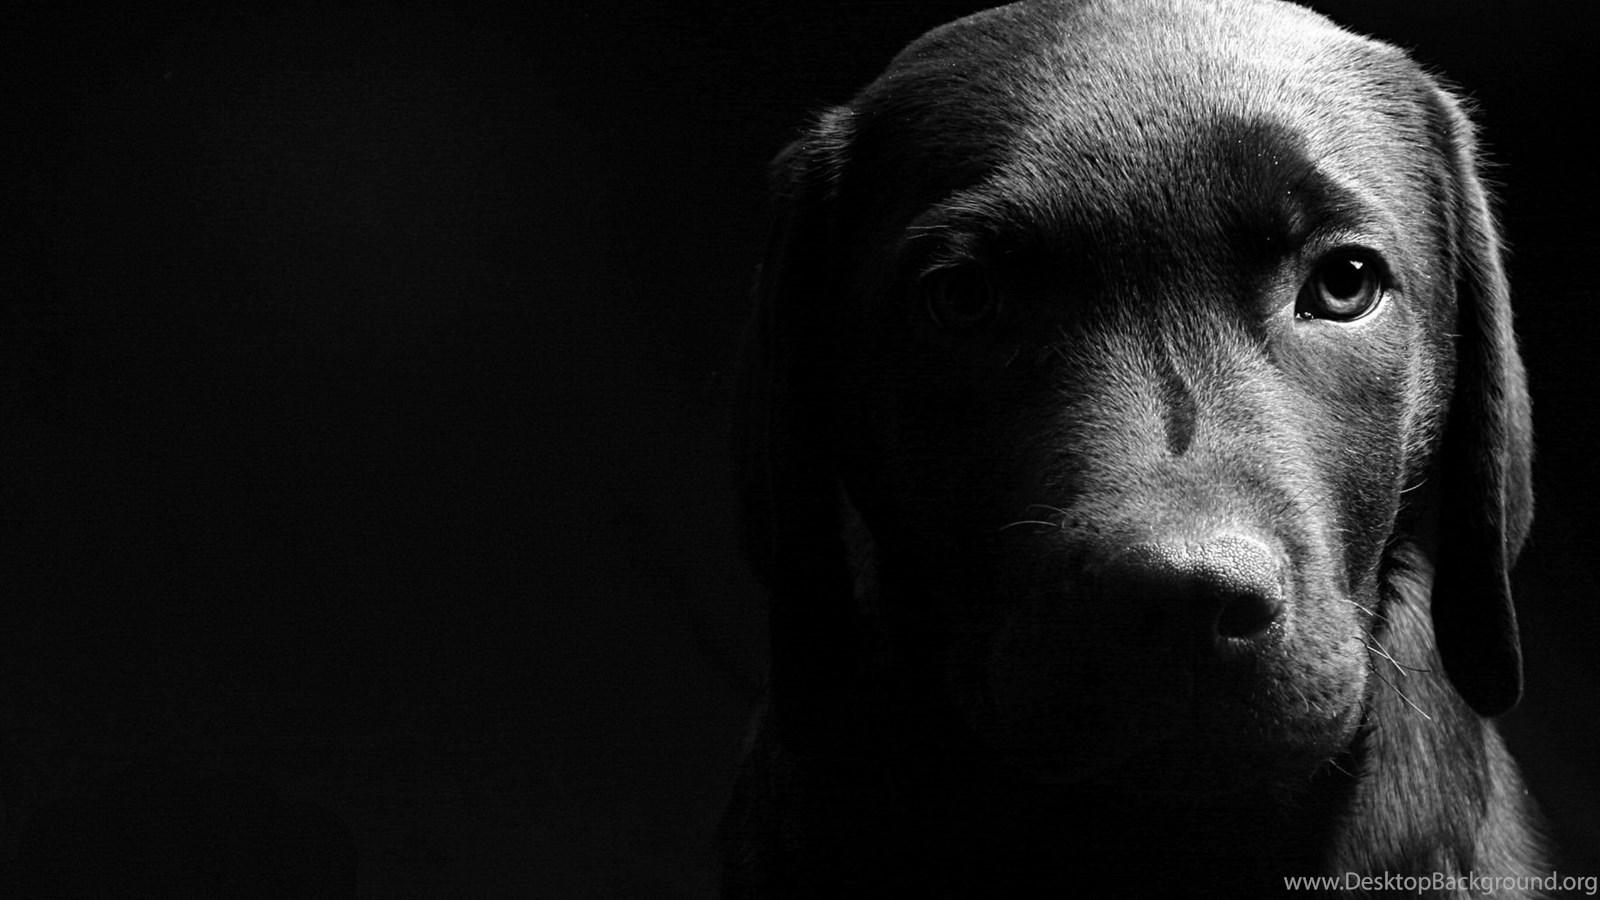 black dog desktop wallpaper, black dog images, new wallpapers